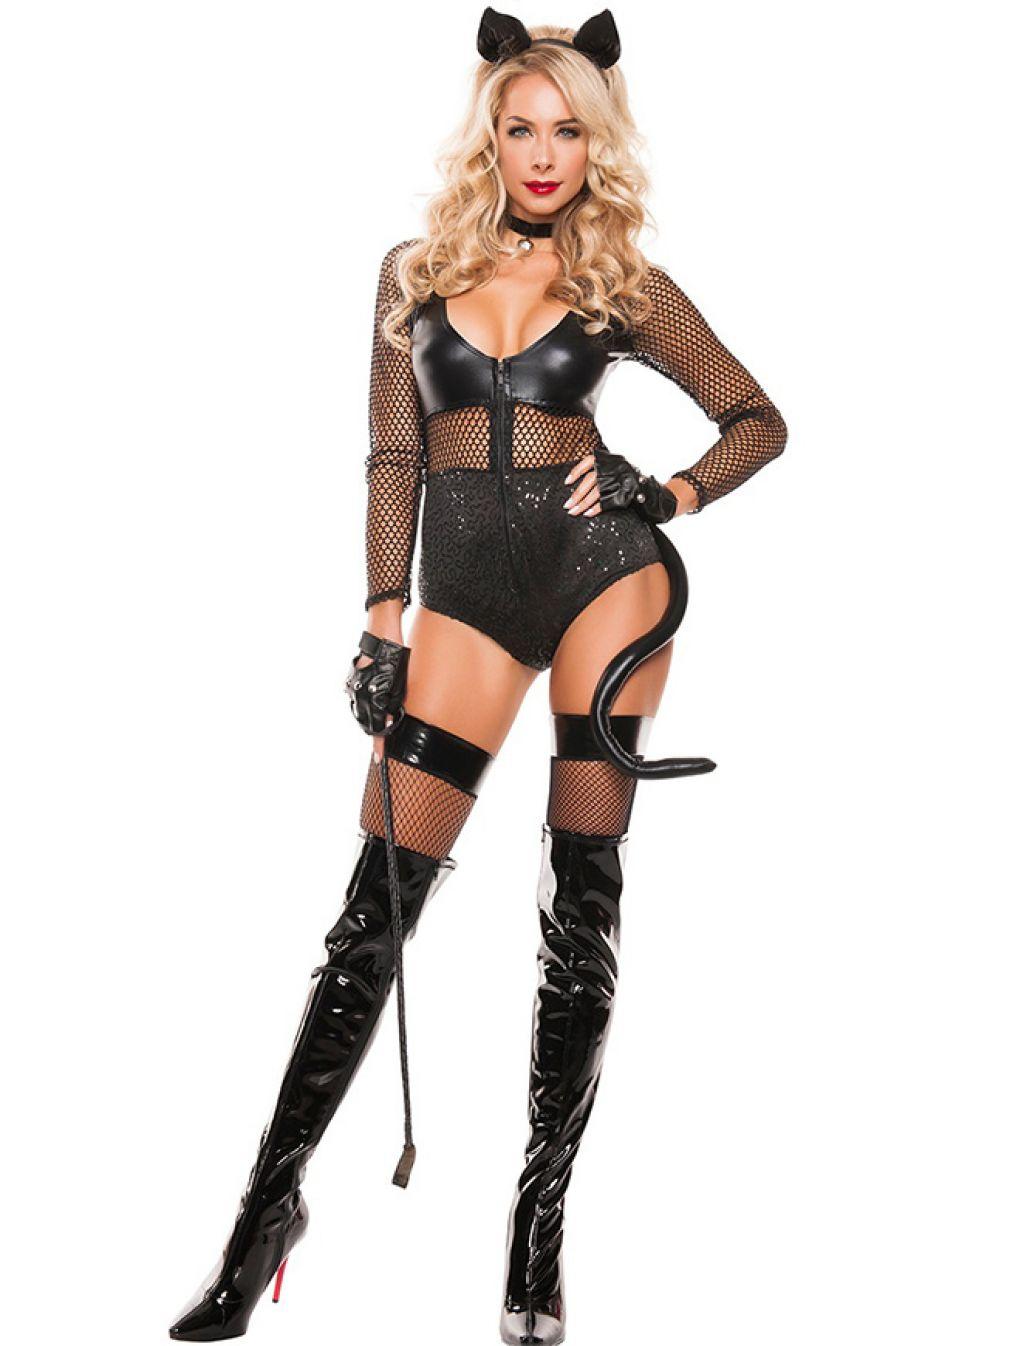 Disfraz de Catwoman de latex super sexy